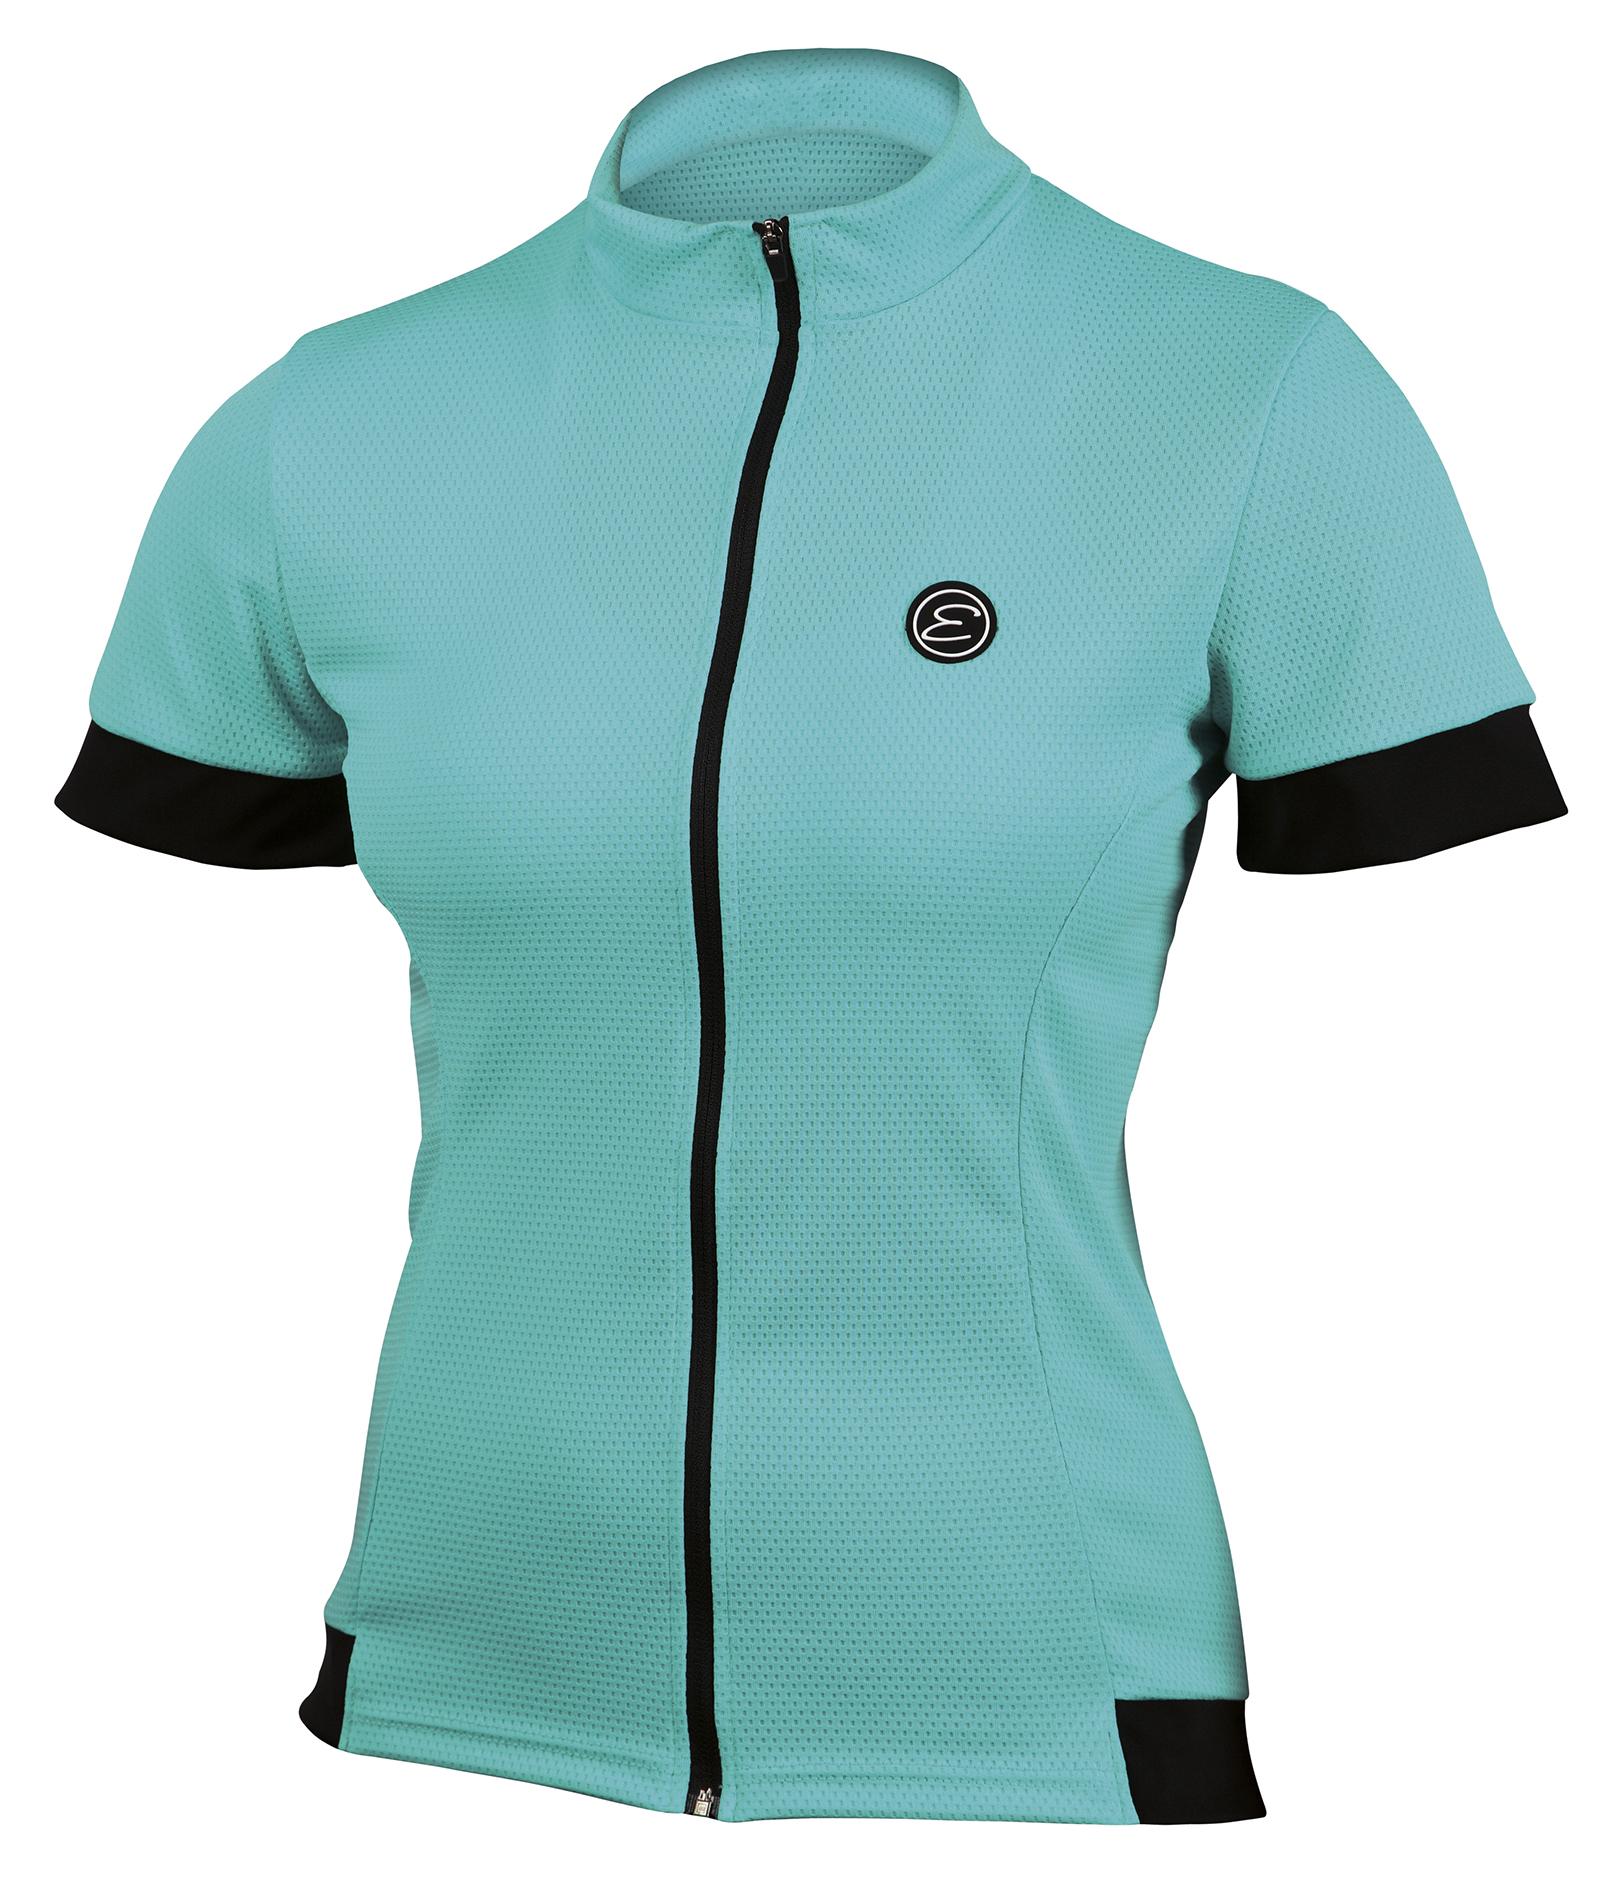 Dámský cyklistický dres ETAPE Donna, vel. S, aqua, model 2017 (Dámský dres Etape, dlouhý přední zip)